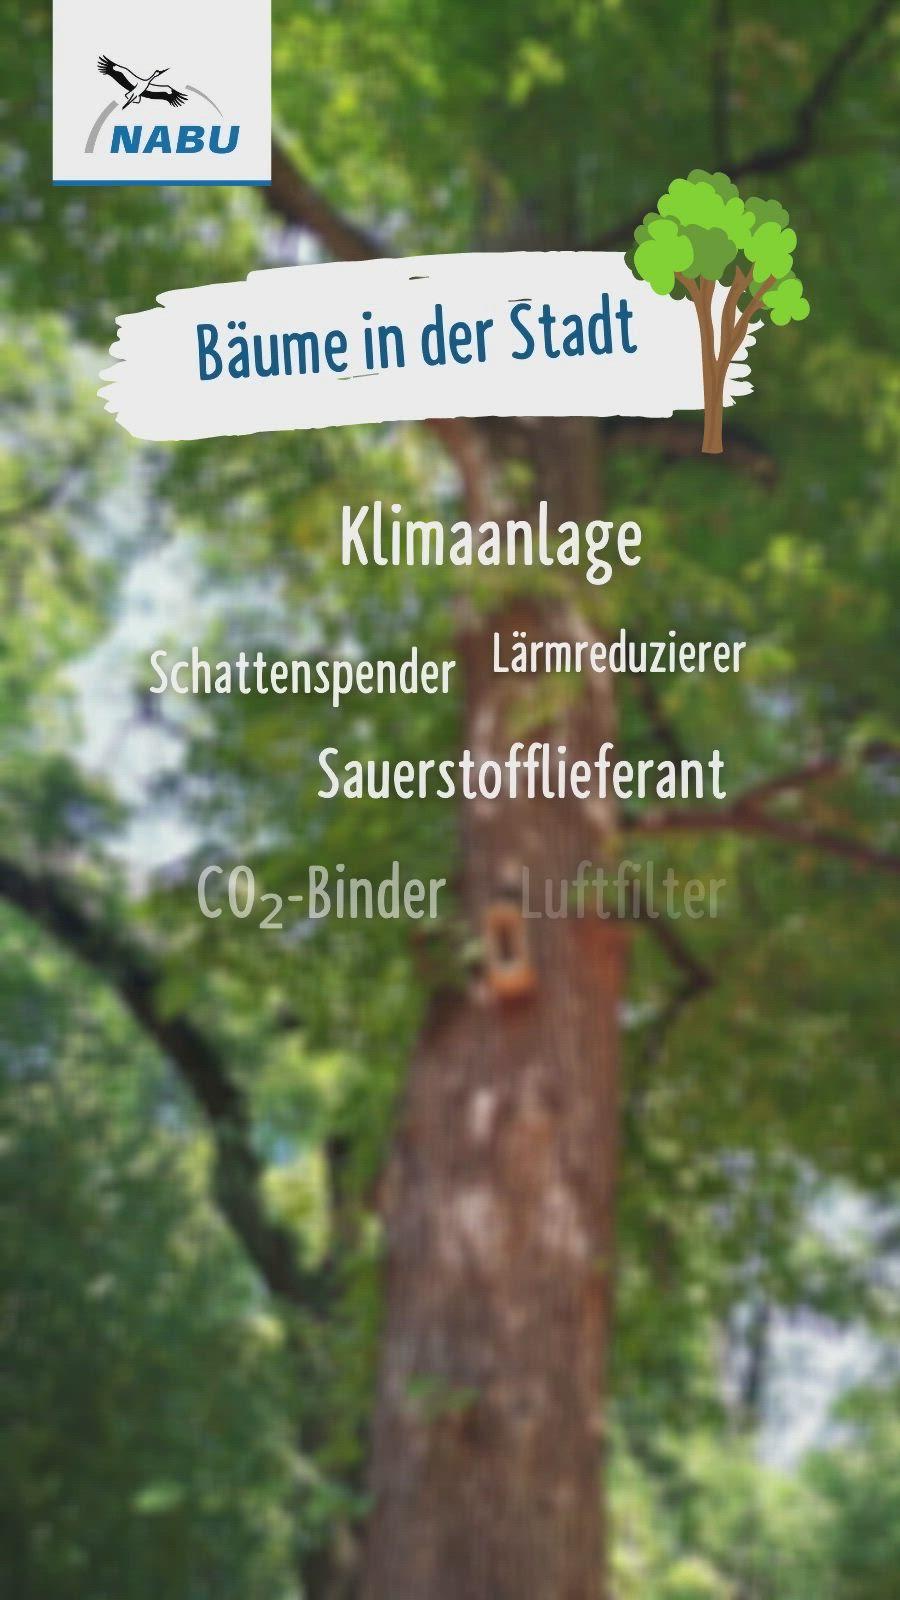 Stadtbäume in der Klimakrise   NABU [Video] [Video]   Baum, Leben, Stadt